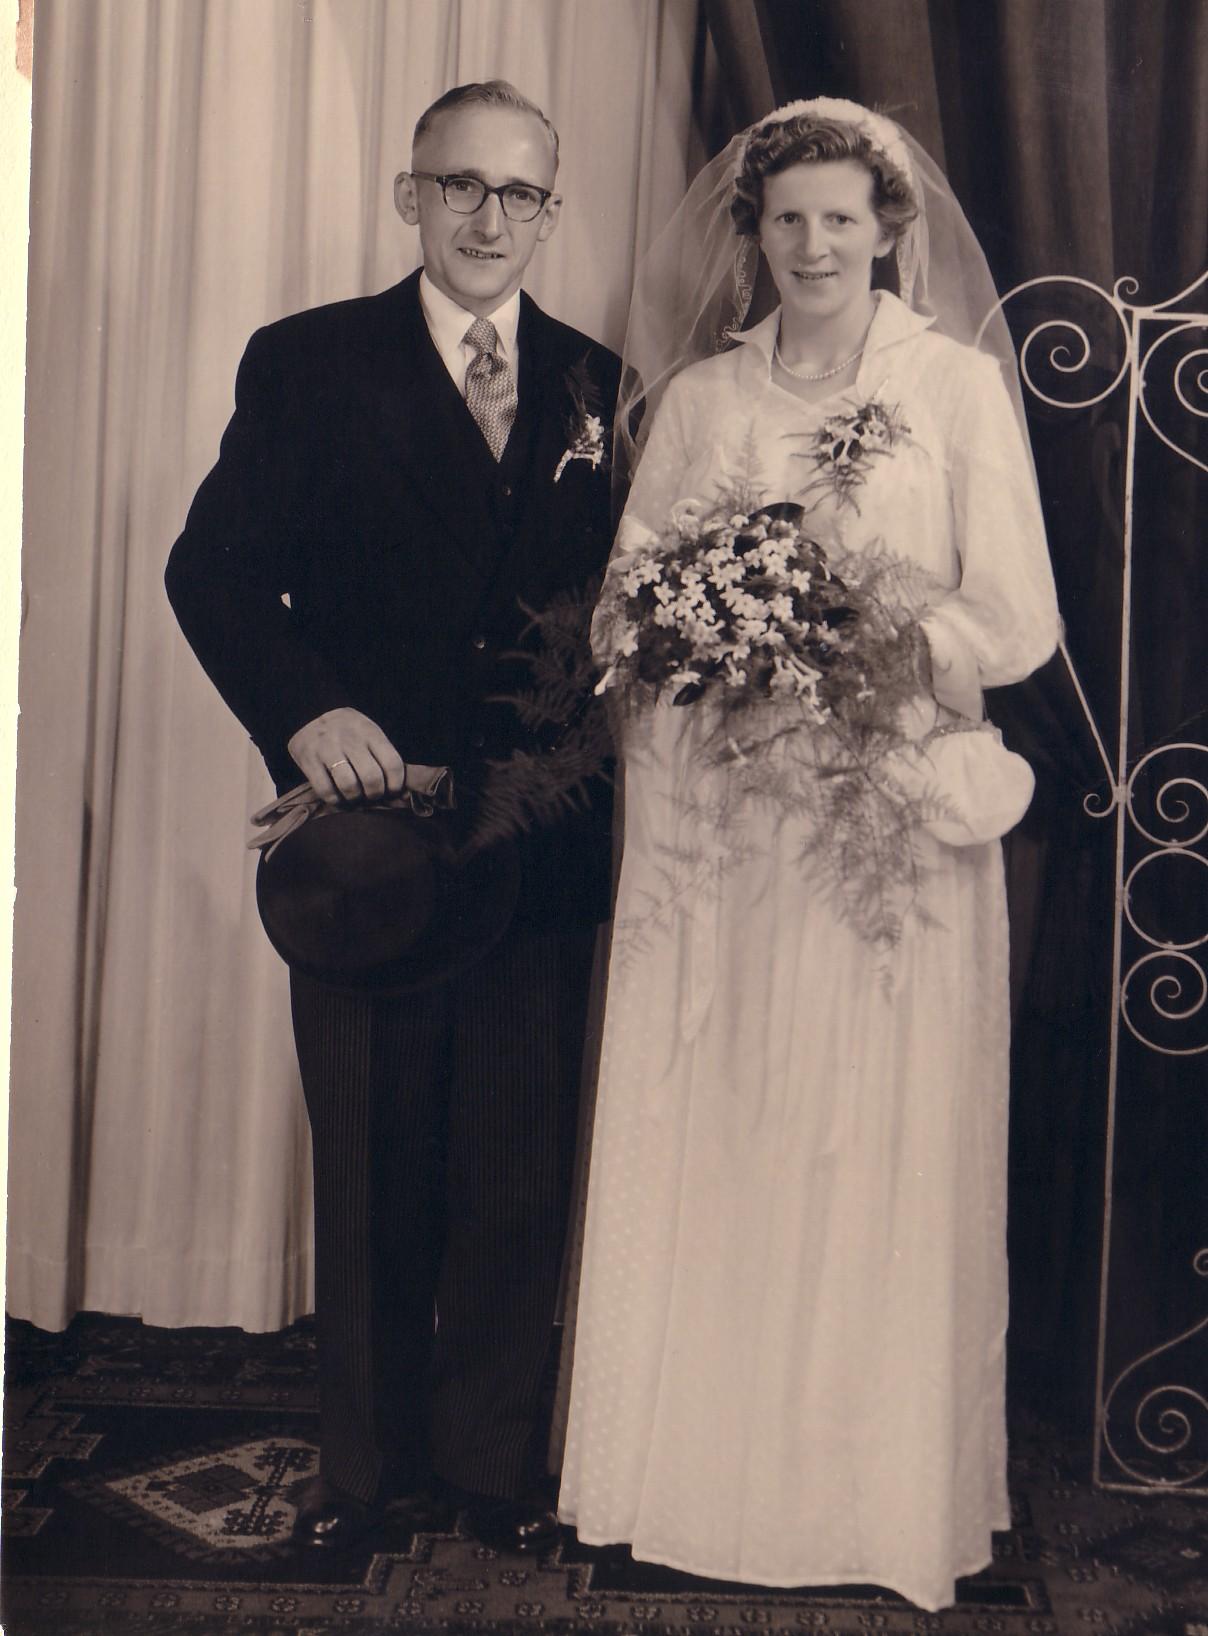 Huwelijk Adriaan Noordam en Jozina J. Keijzer (1955)